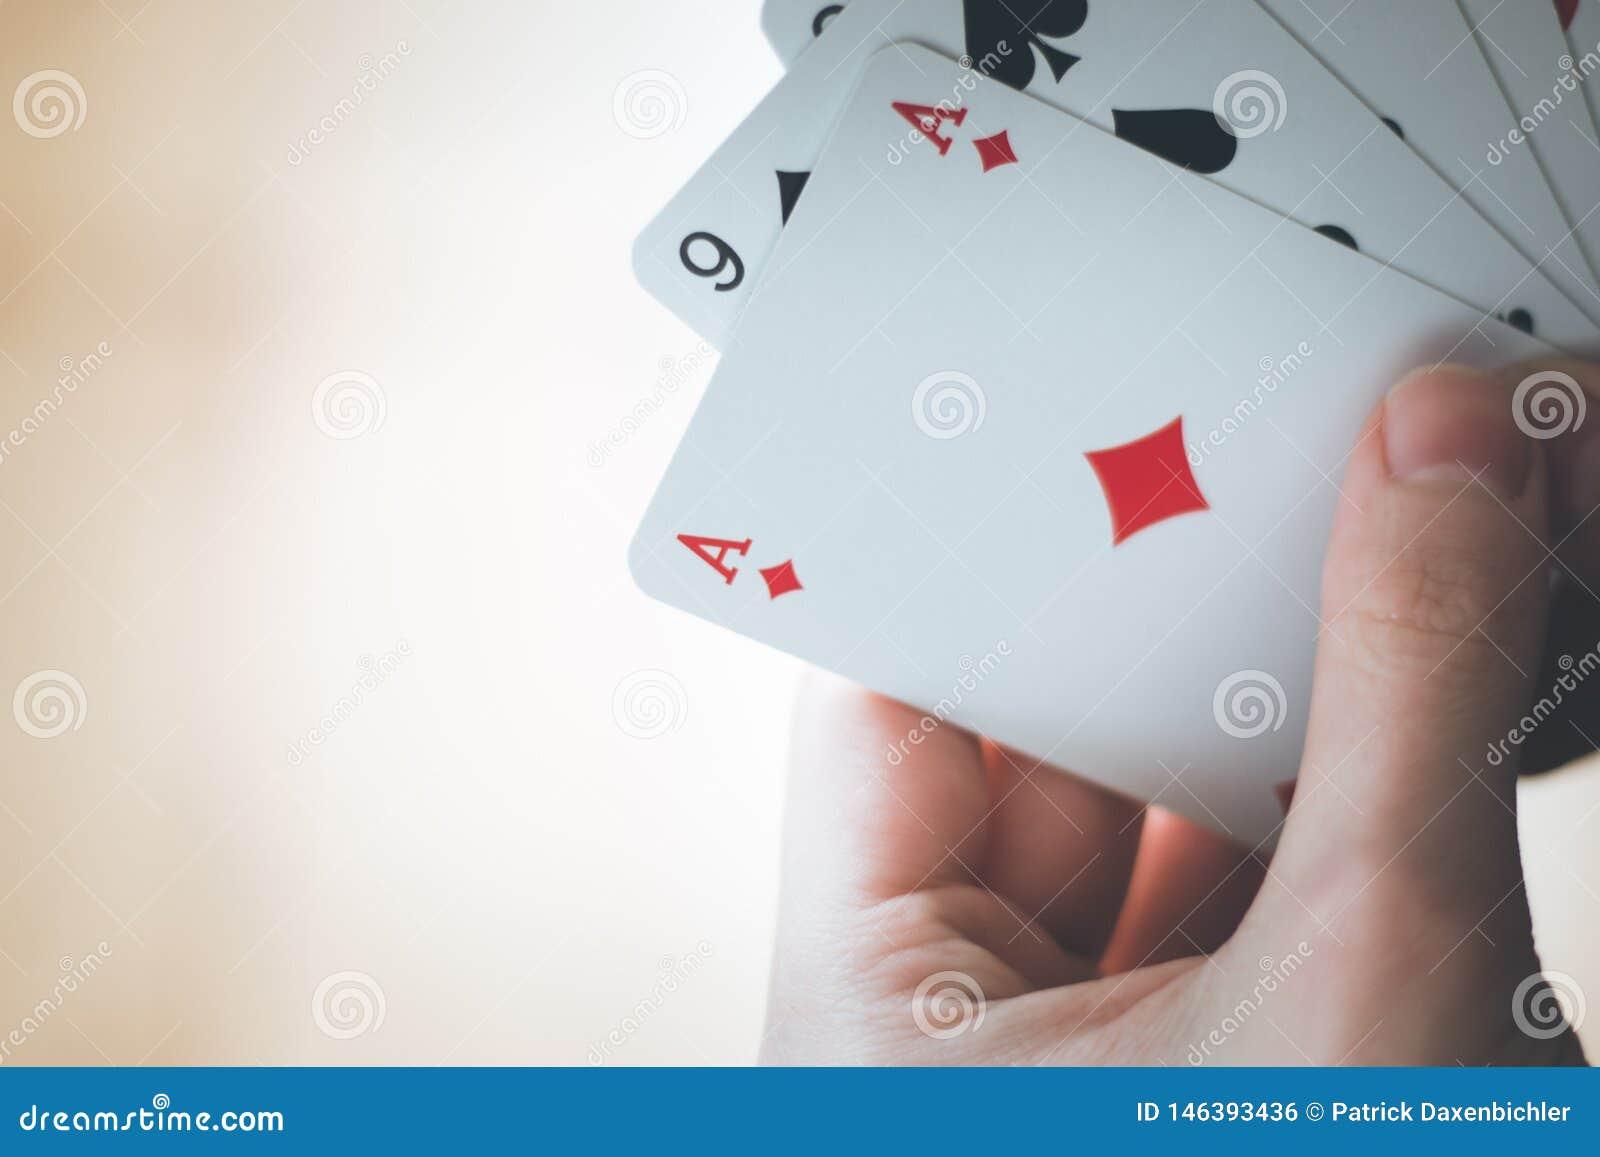 Speelkaarten: Pookkaarten in de hand van een jonge mens